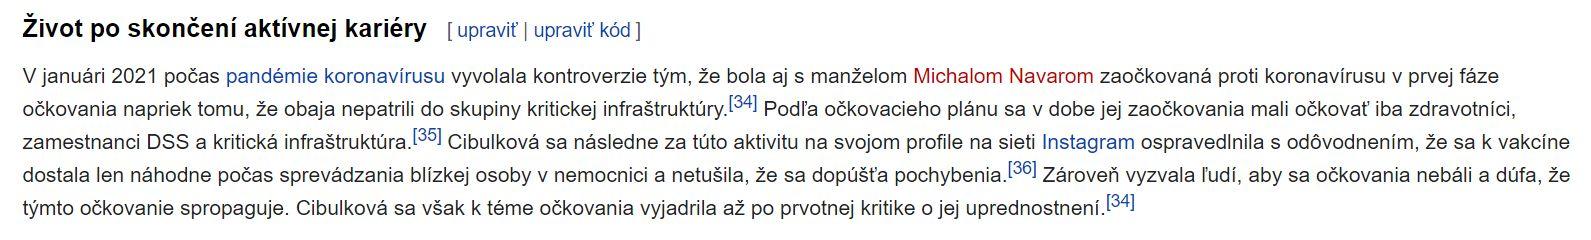 """Dominike Cibulkovej už niekto škandál s očkovaním pridal Wikipediu. """"K vakcíne sa dostala náhodne,"""" cituje stránka jej obhajobu"""